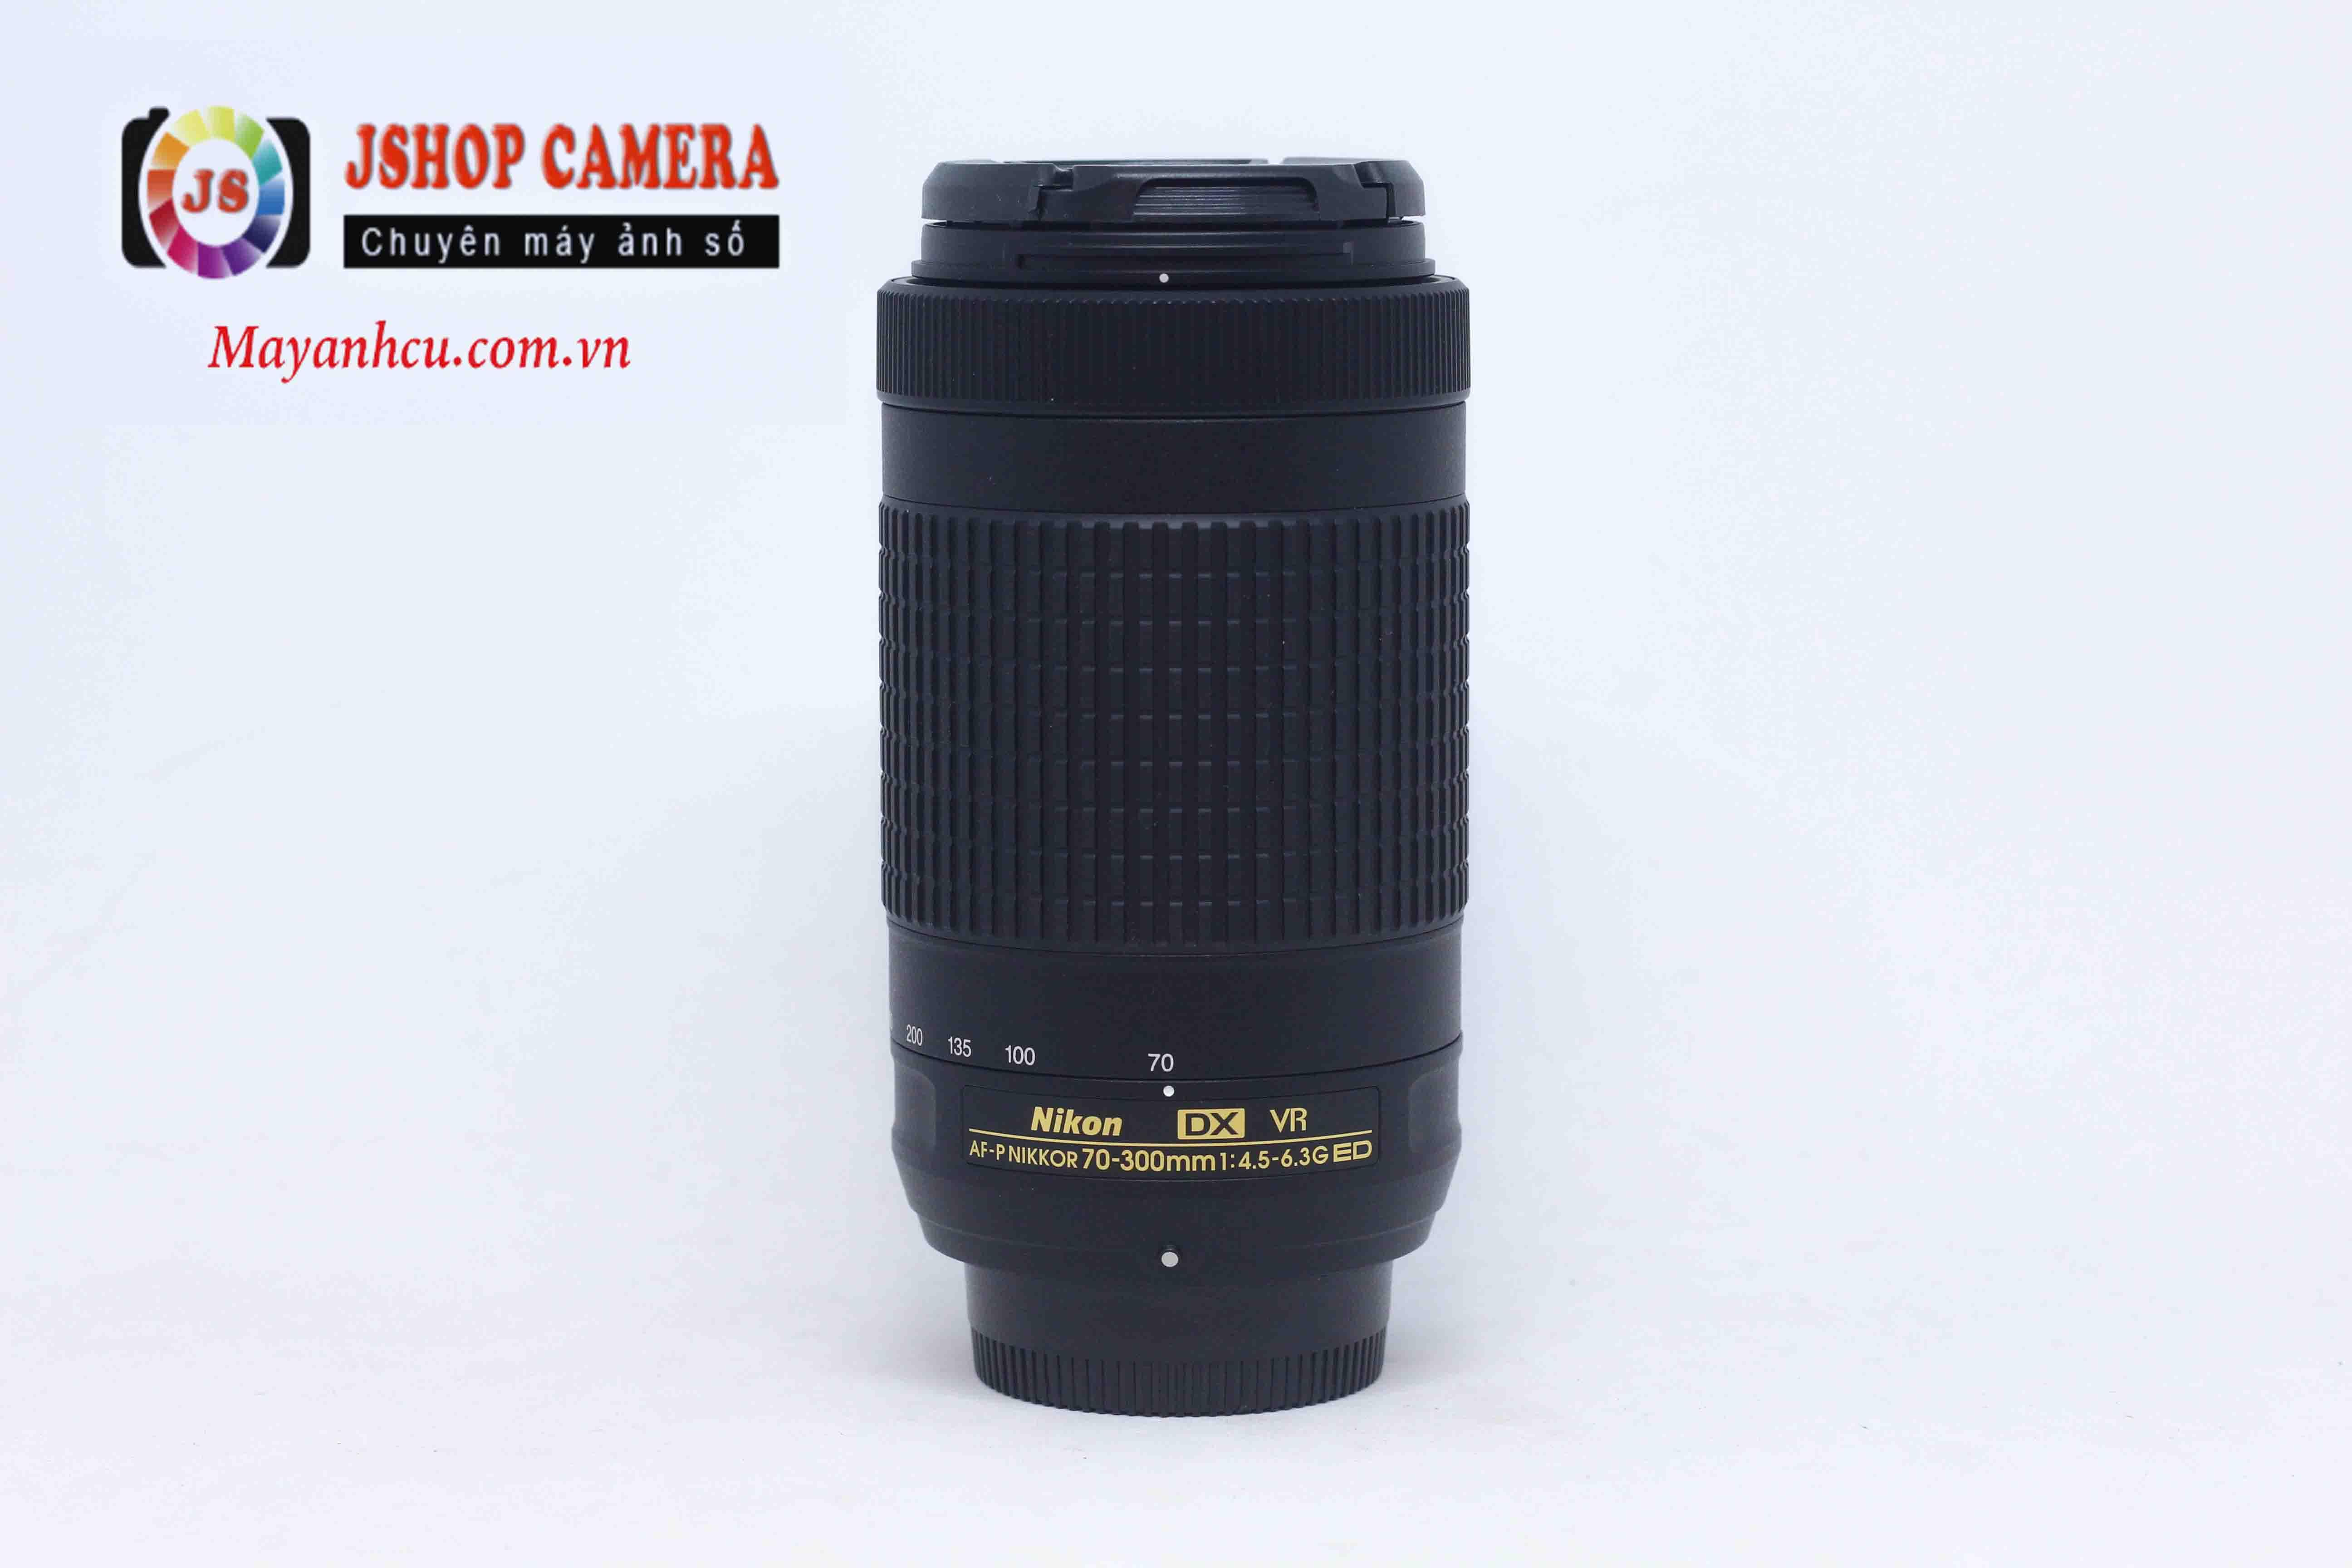 Ống kính Nikon 70-300mm F/4.5-6.3G DX VR